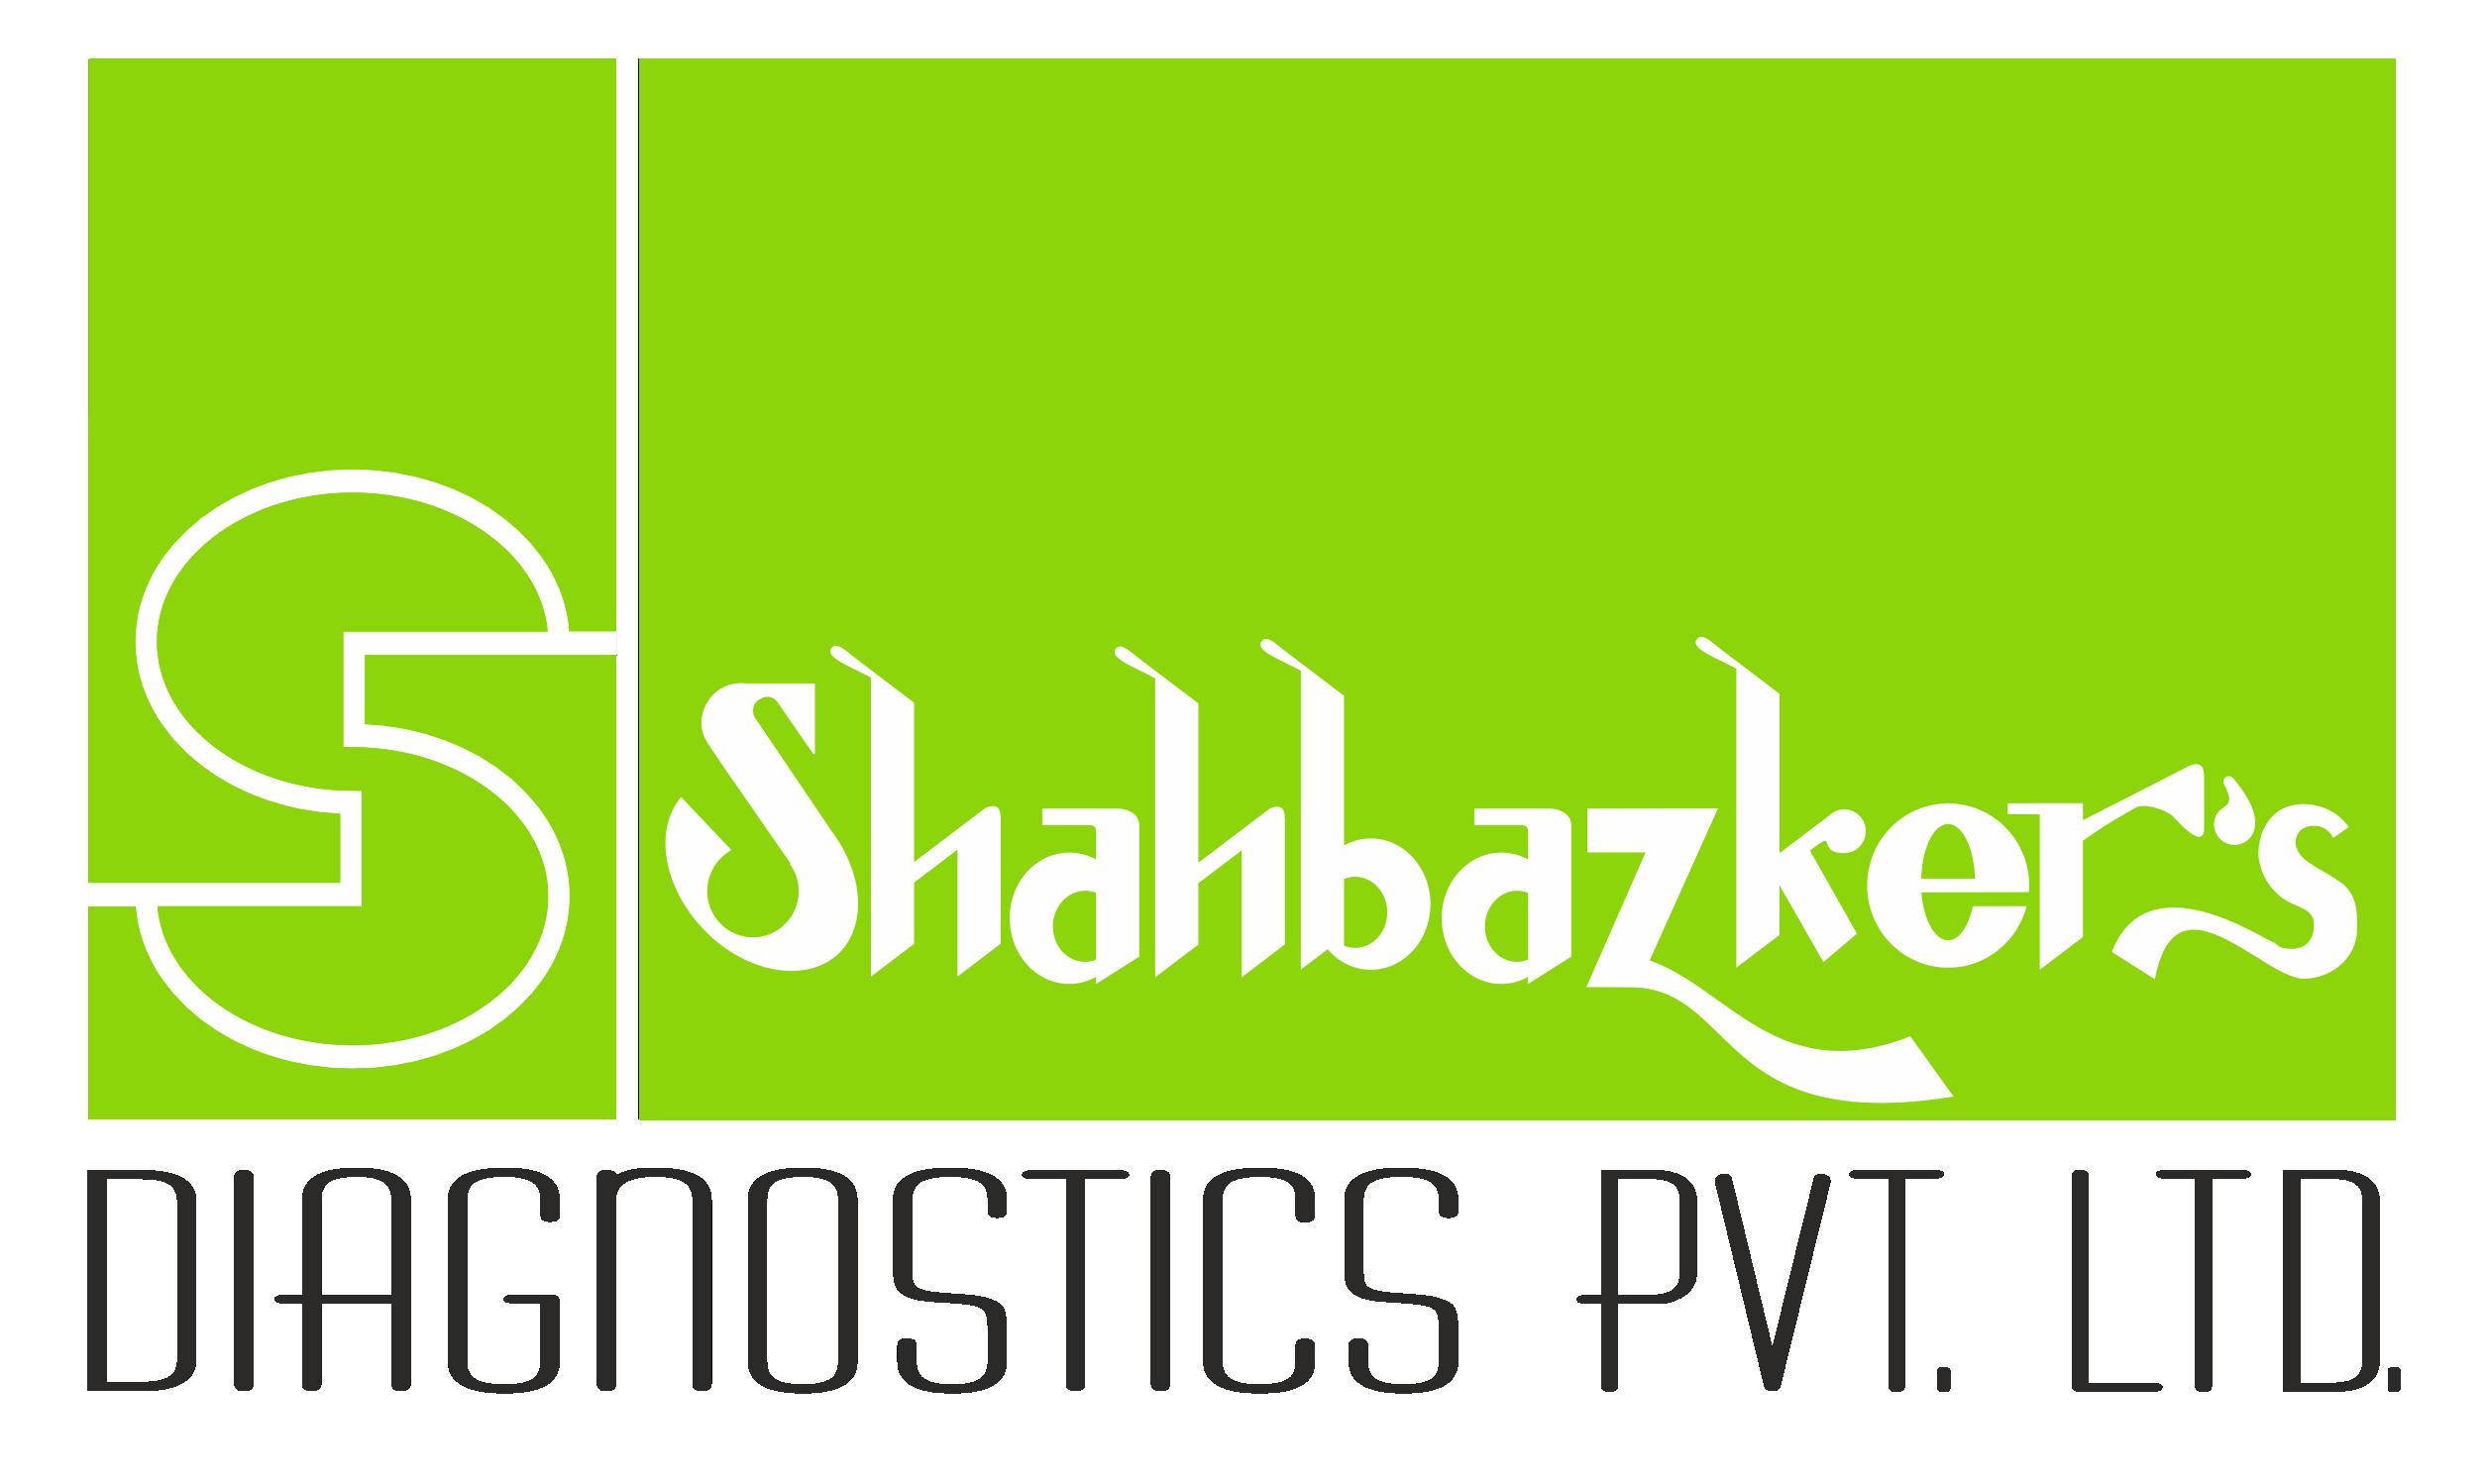 Shahbazker's Diagnostics Pvt Ltd